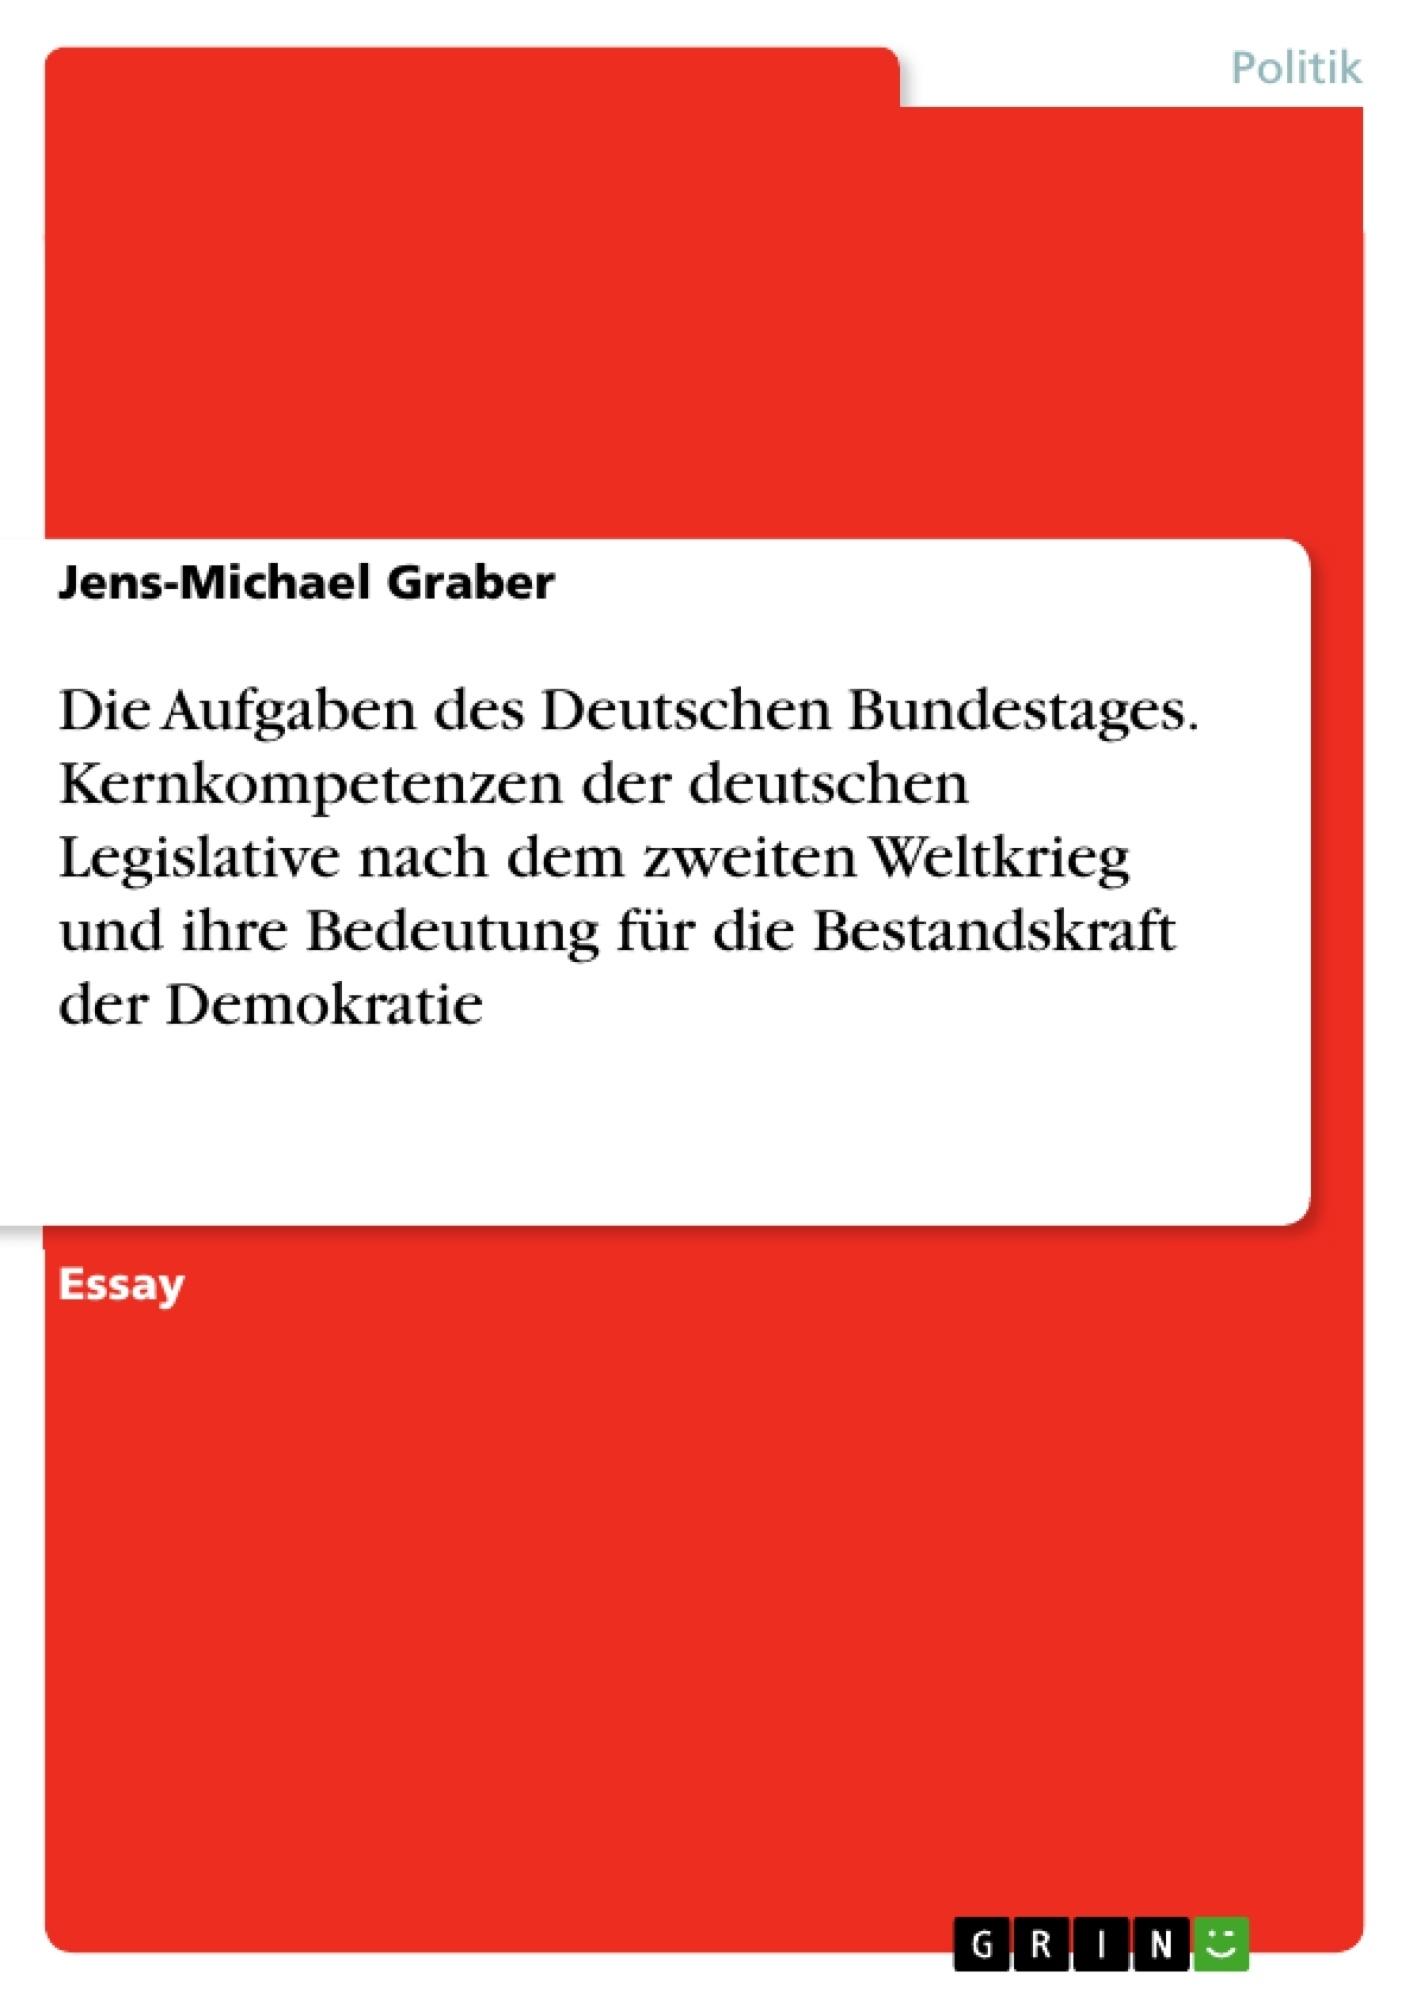 Titel: Die Aufgaben des Deutschen Bundestages. Kernkompetenzen der deutschen Legislative nach dem zweiten Weltkrieg und ihre Bedeutung für die Bestandskraft der Demokratie